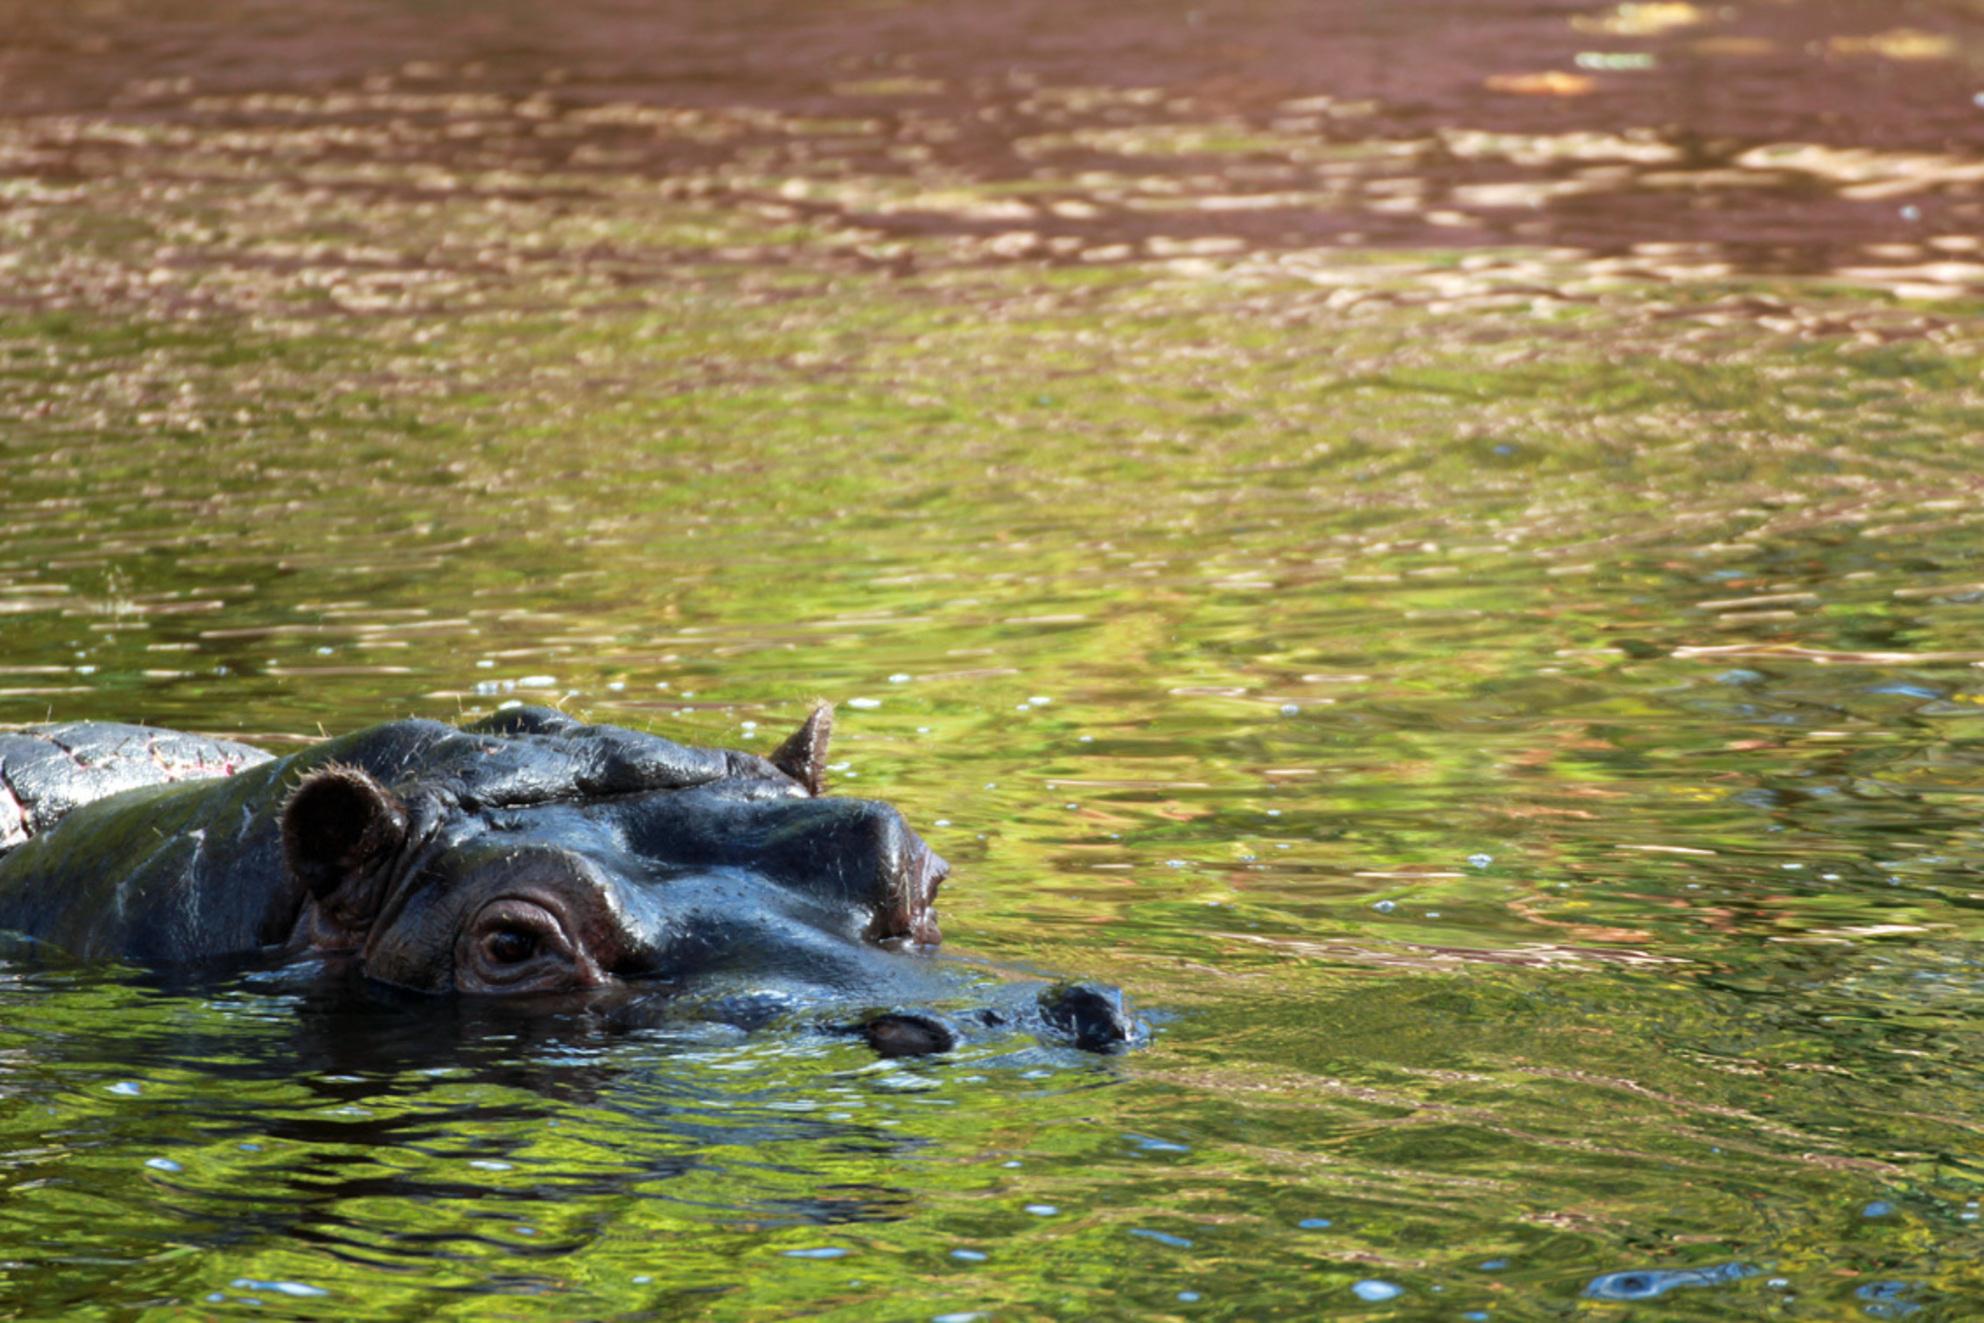 Nijlpaard - Nijlpaard - foto door lodexiv op 15-11-2013 - deze foto bevat: dierentuin, nijlpaard - Deze foto mag gebruikt worden in een Zoom.nl publicatie